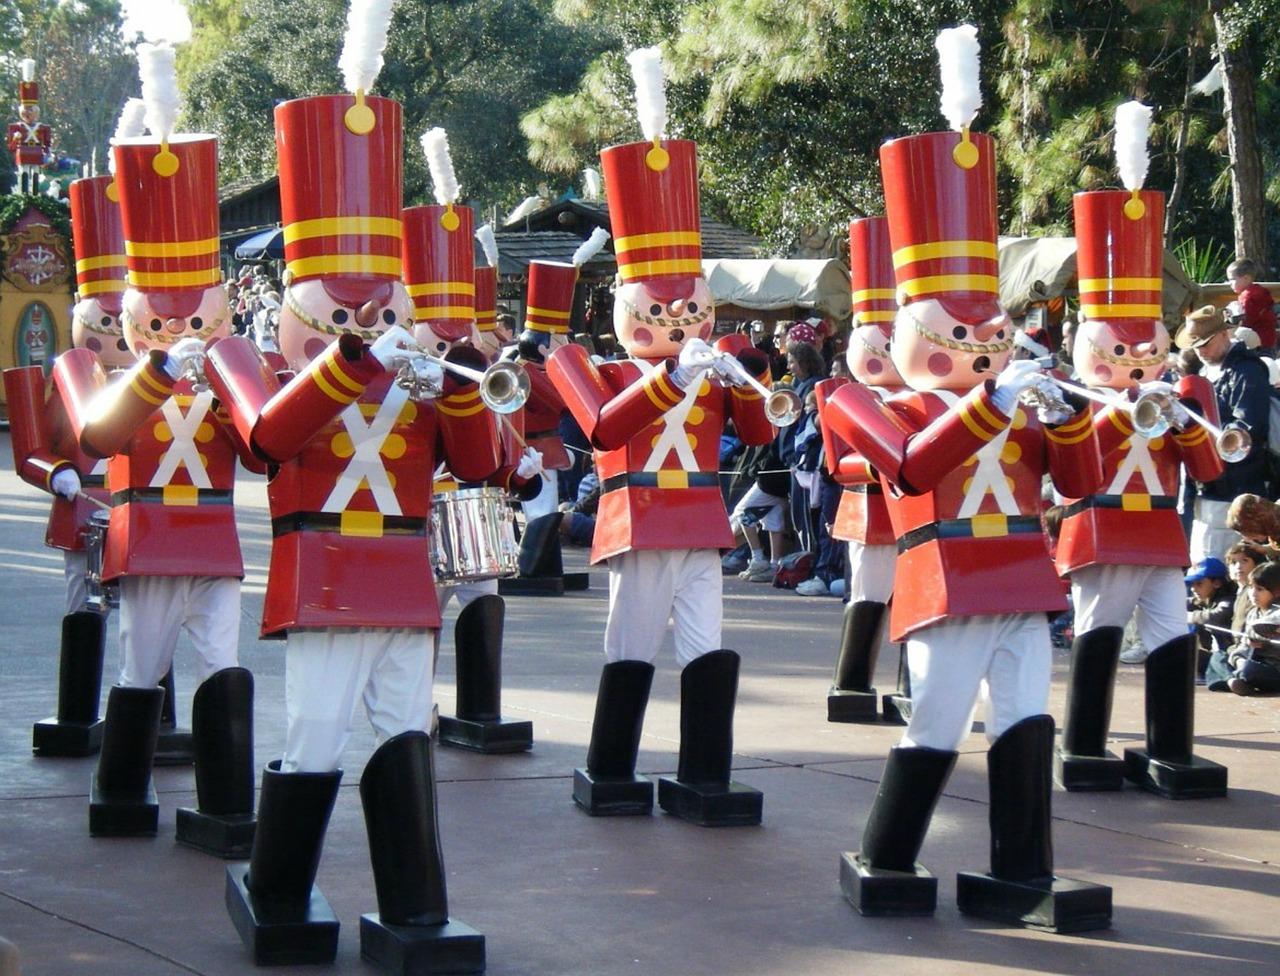 Christmas Parade at Disney World